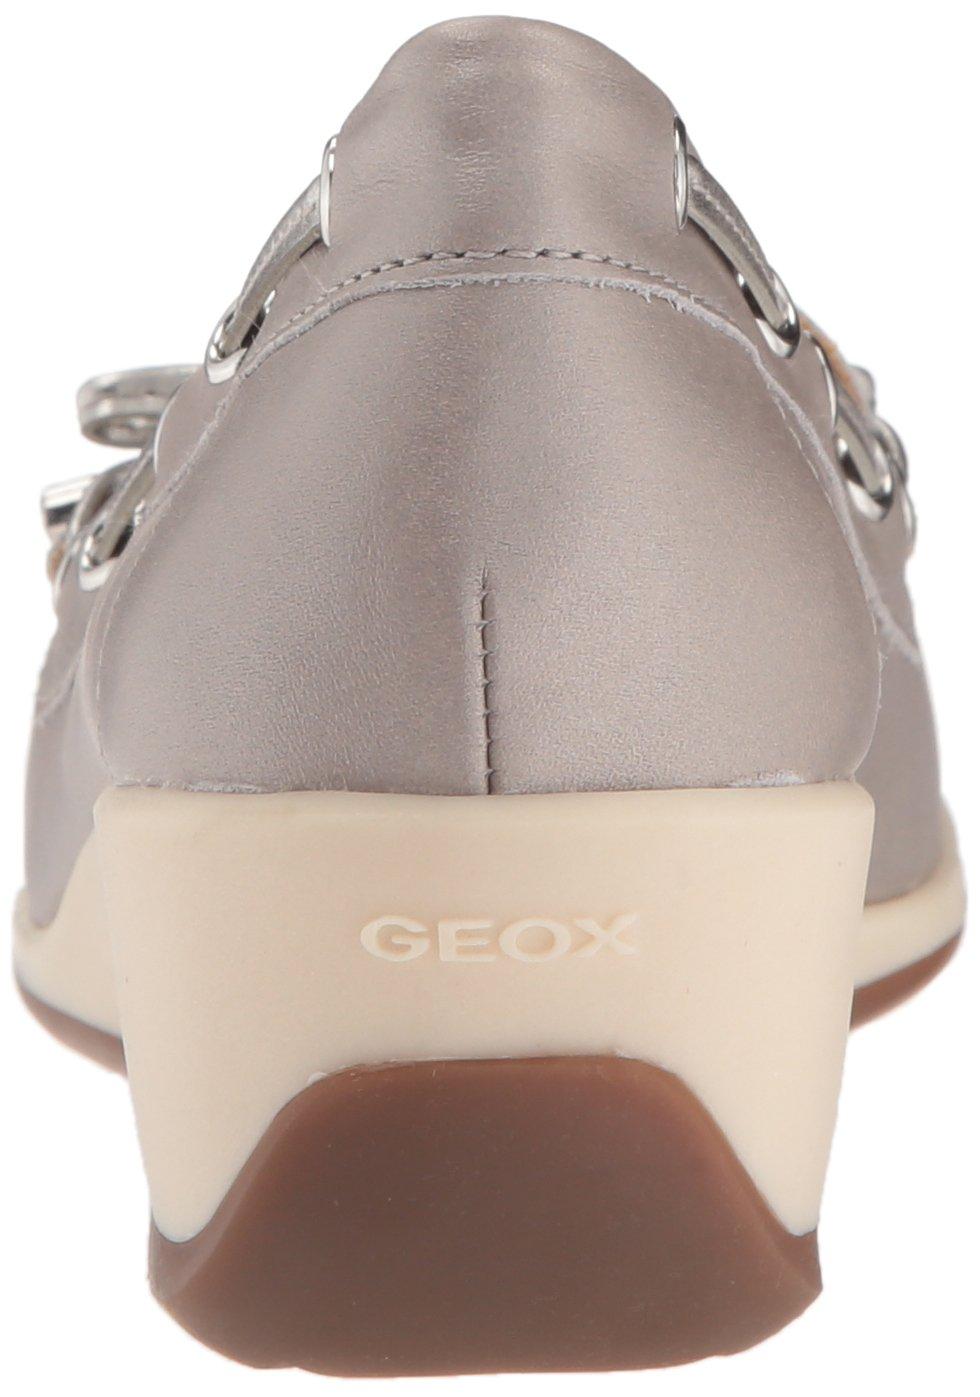 Geox D Arethea A Grau/Off Damen Mokassin Grau (Lt Grau/Off A Weiß) 0f6bc4